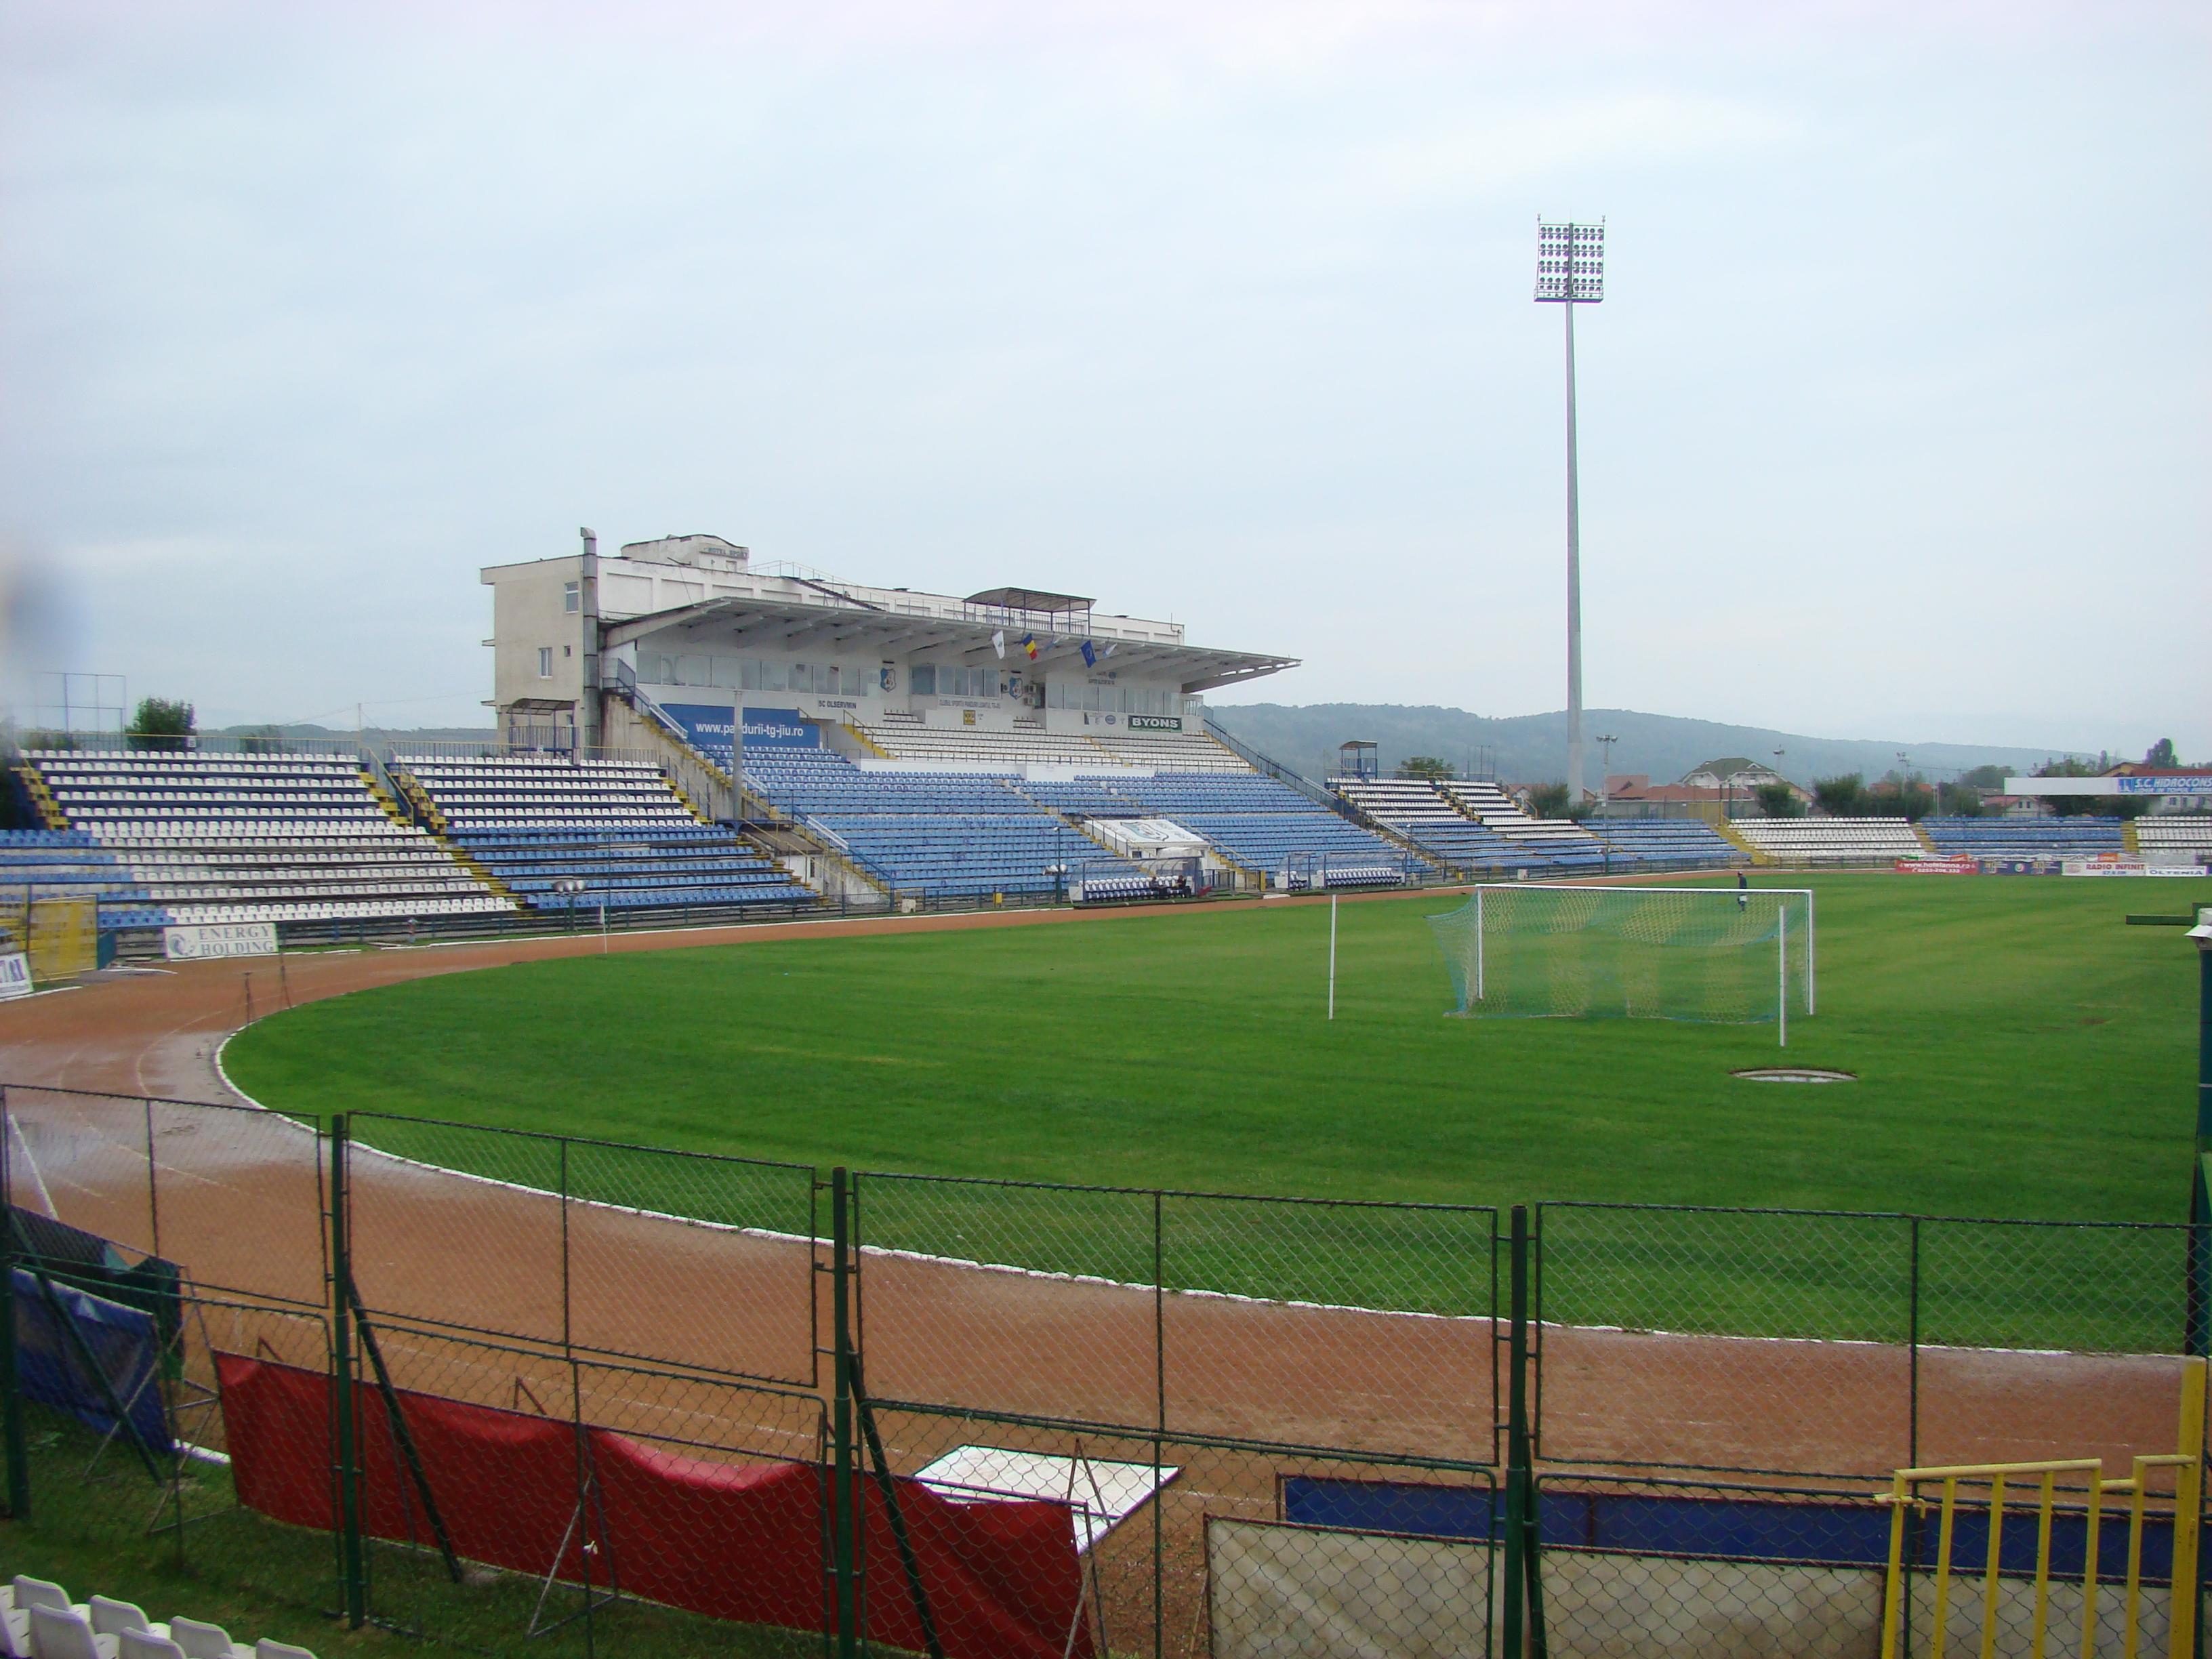 Dragnea, despre investiţia de la stadionul din Alexandria (Teleorman): Şi dacă era podeţ se făcea anchetă/ Proiectul de modernizare, aflat în dezbatere la propunerea Ministerului Dezvoltării